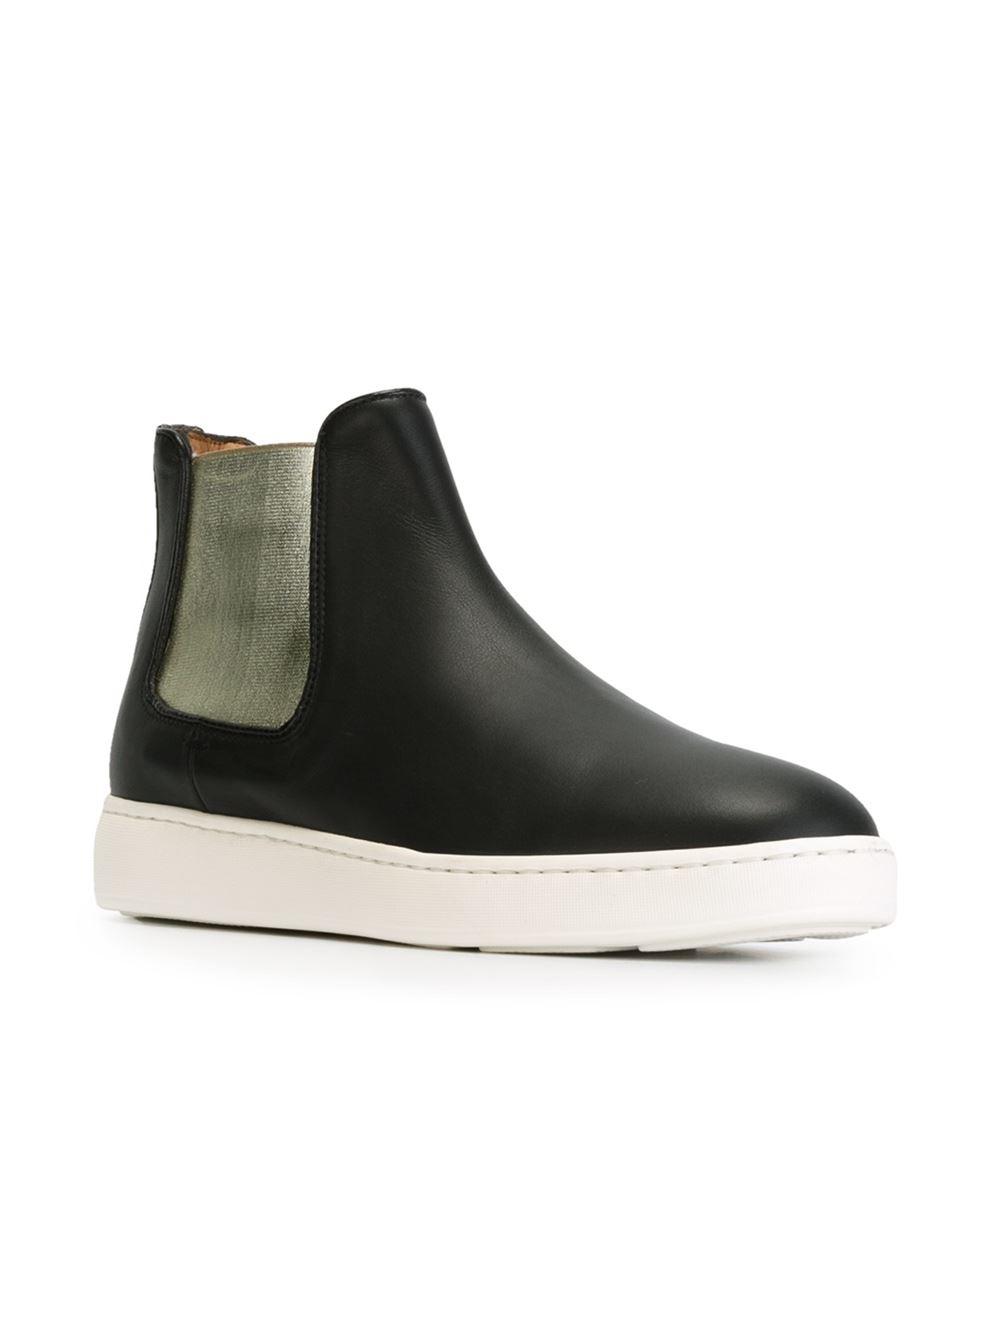 Santoni Chelsea Style Sneakers in Black